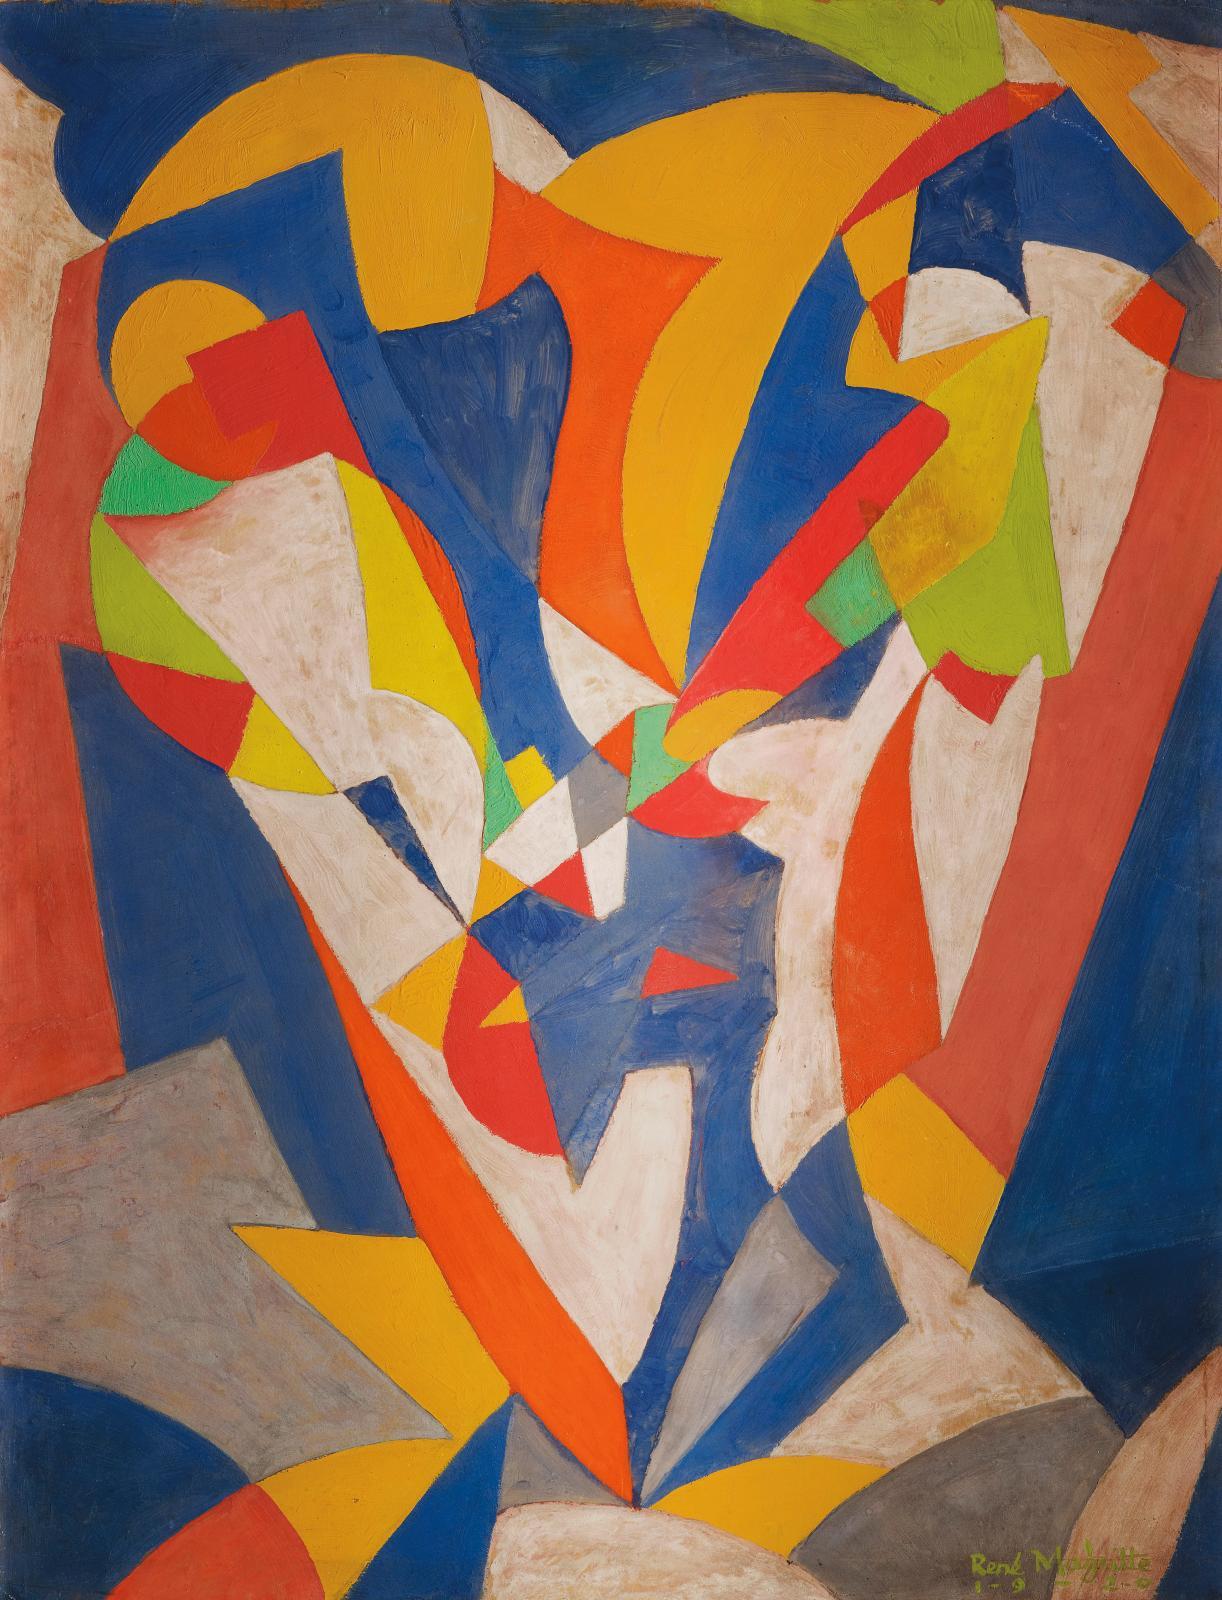 René Magritte, (1898-1967), Le Forgeron, 1920, collection Mu.ZEE. ©Sabam Belgium 2021